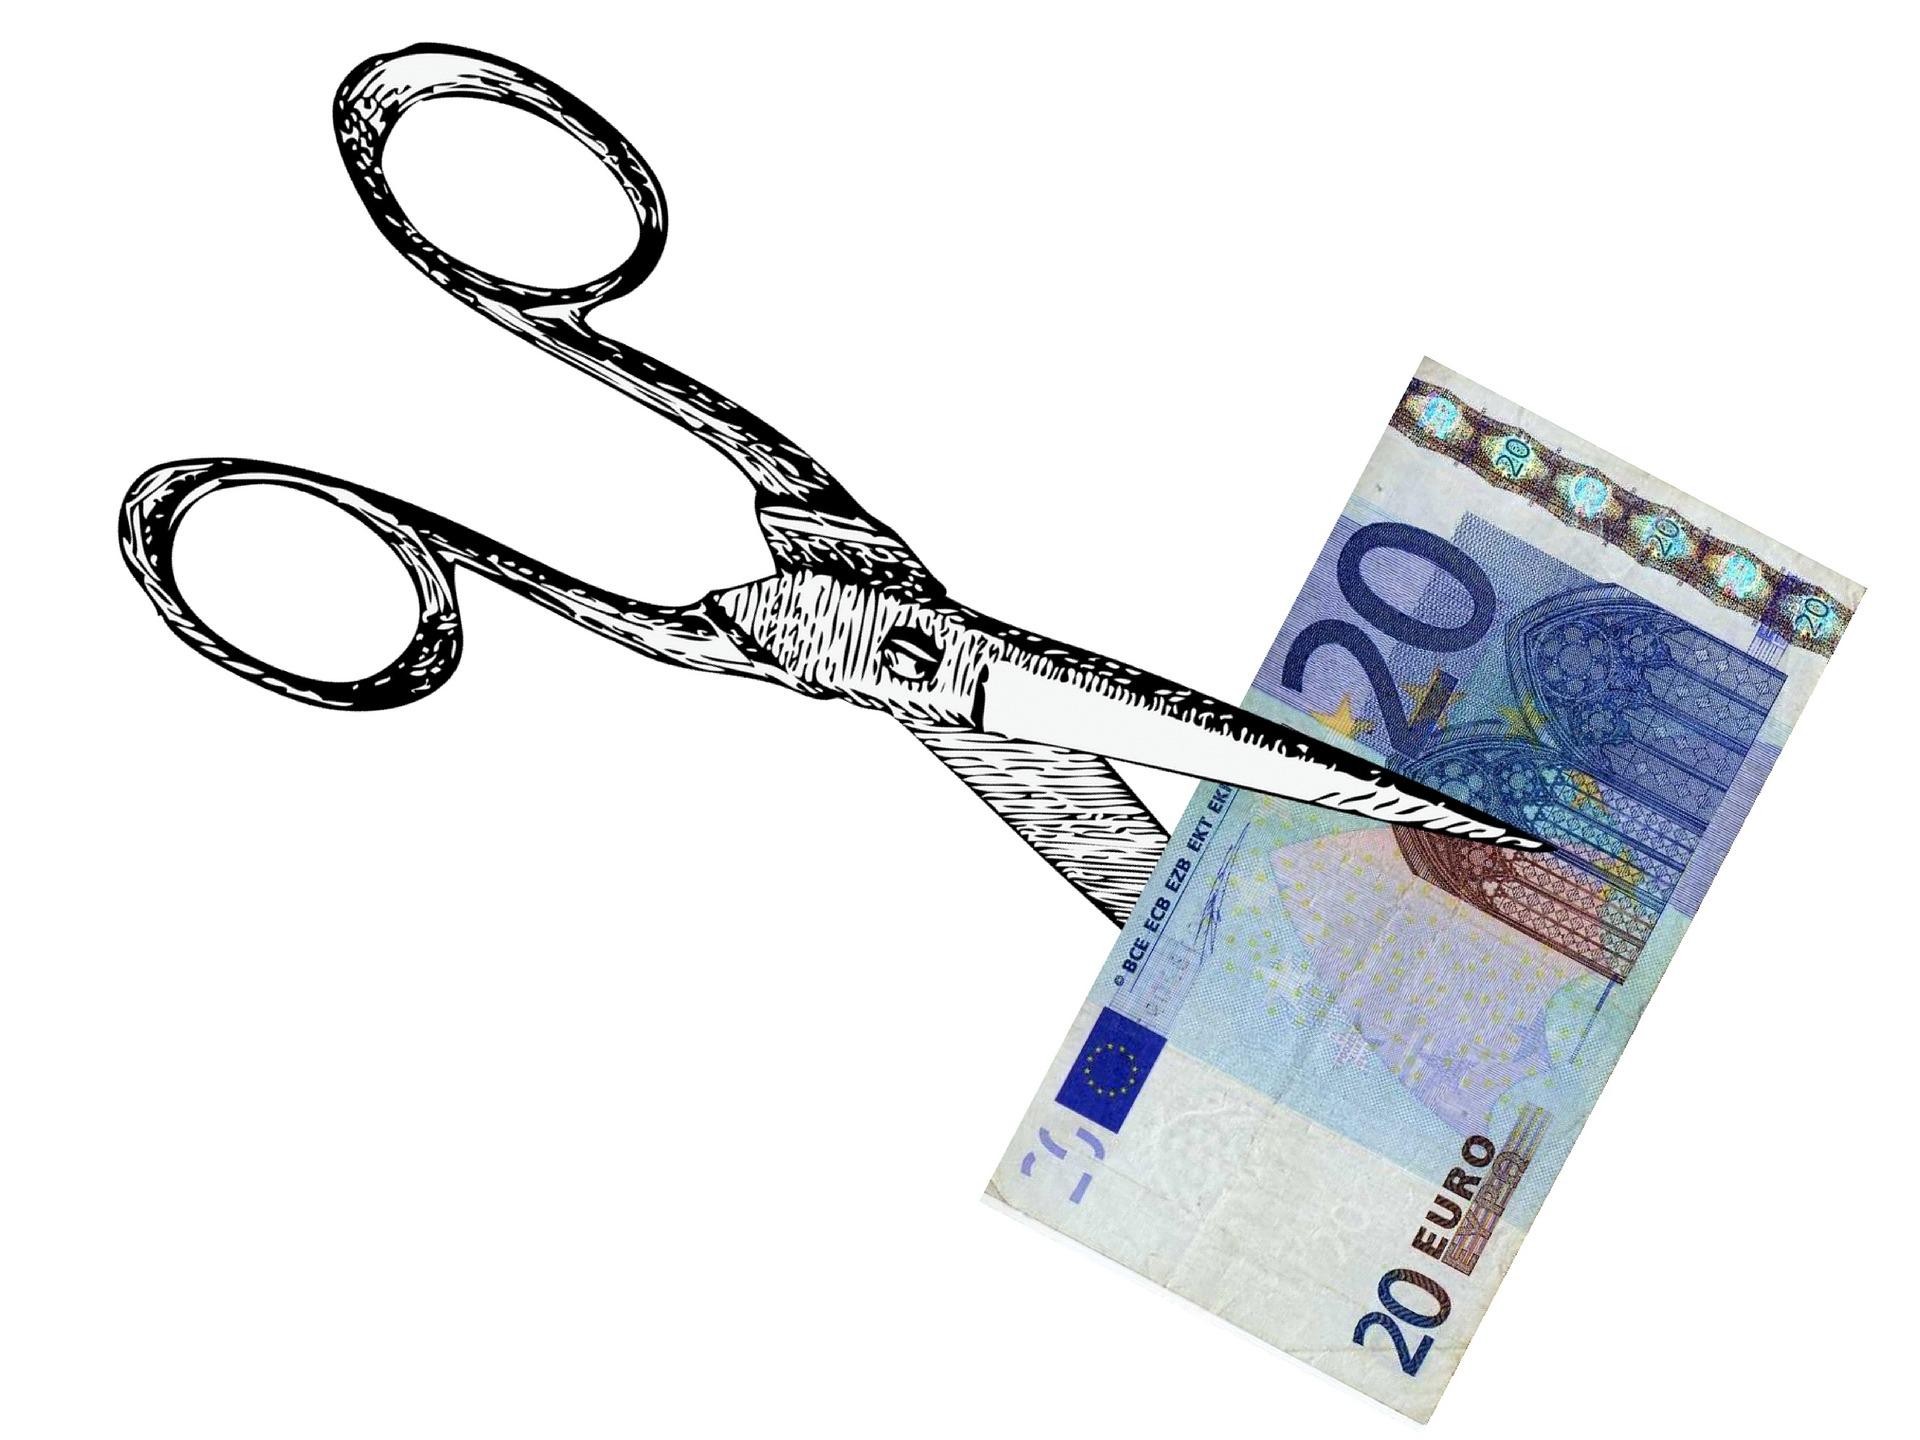 Jelentősen csökkentheti a bank költségeket a blokklánc technológia